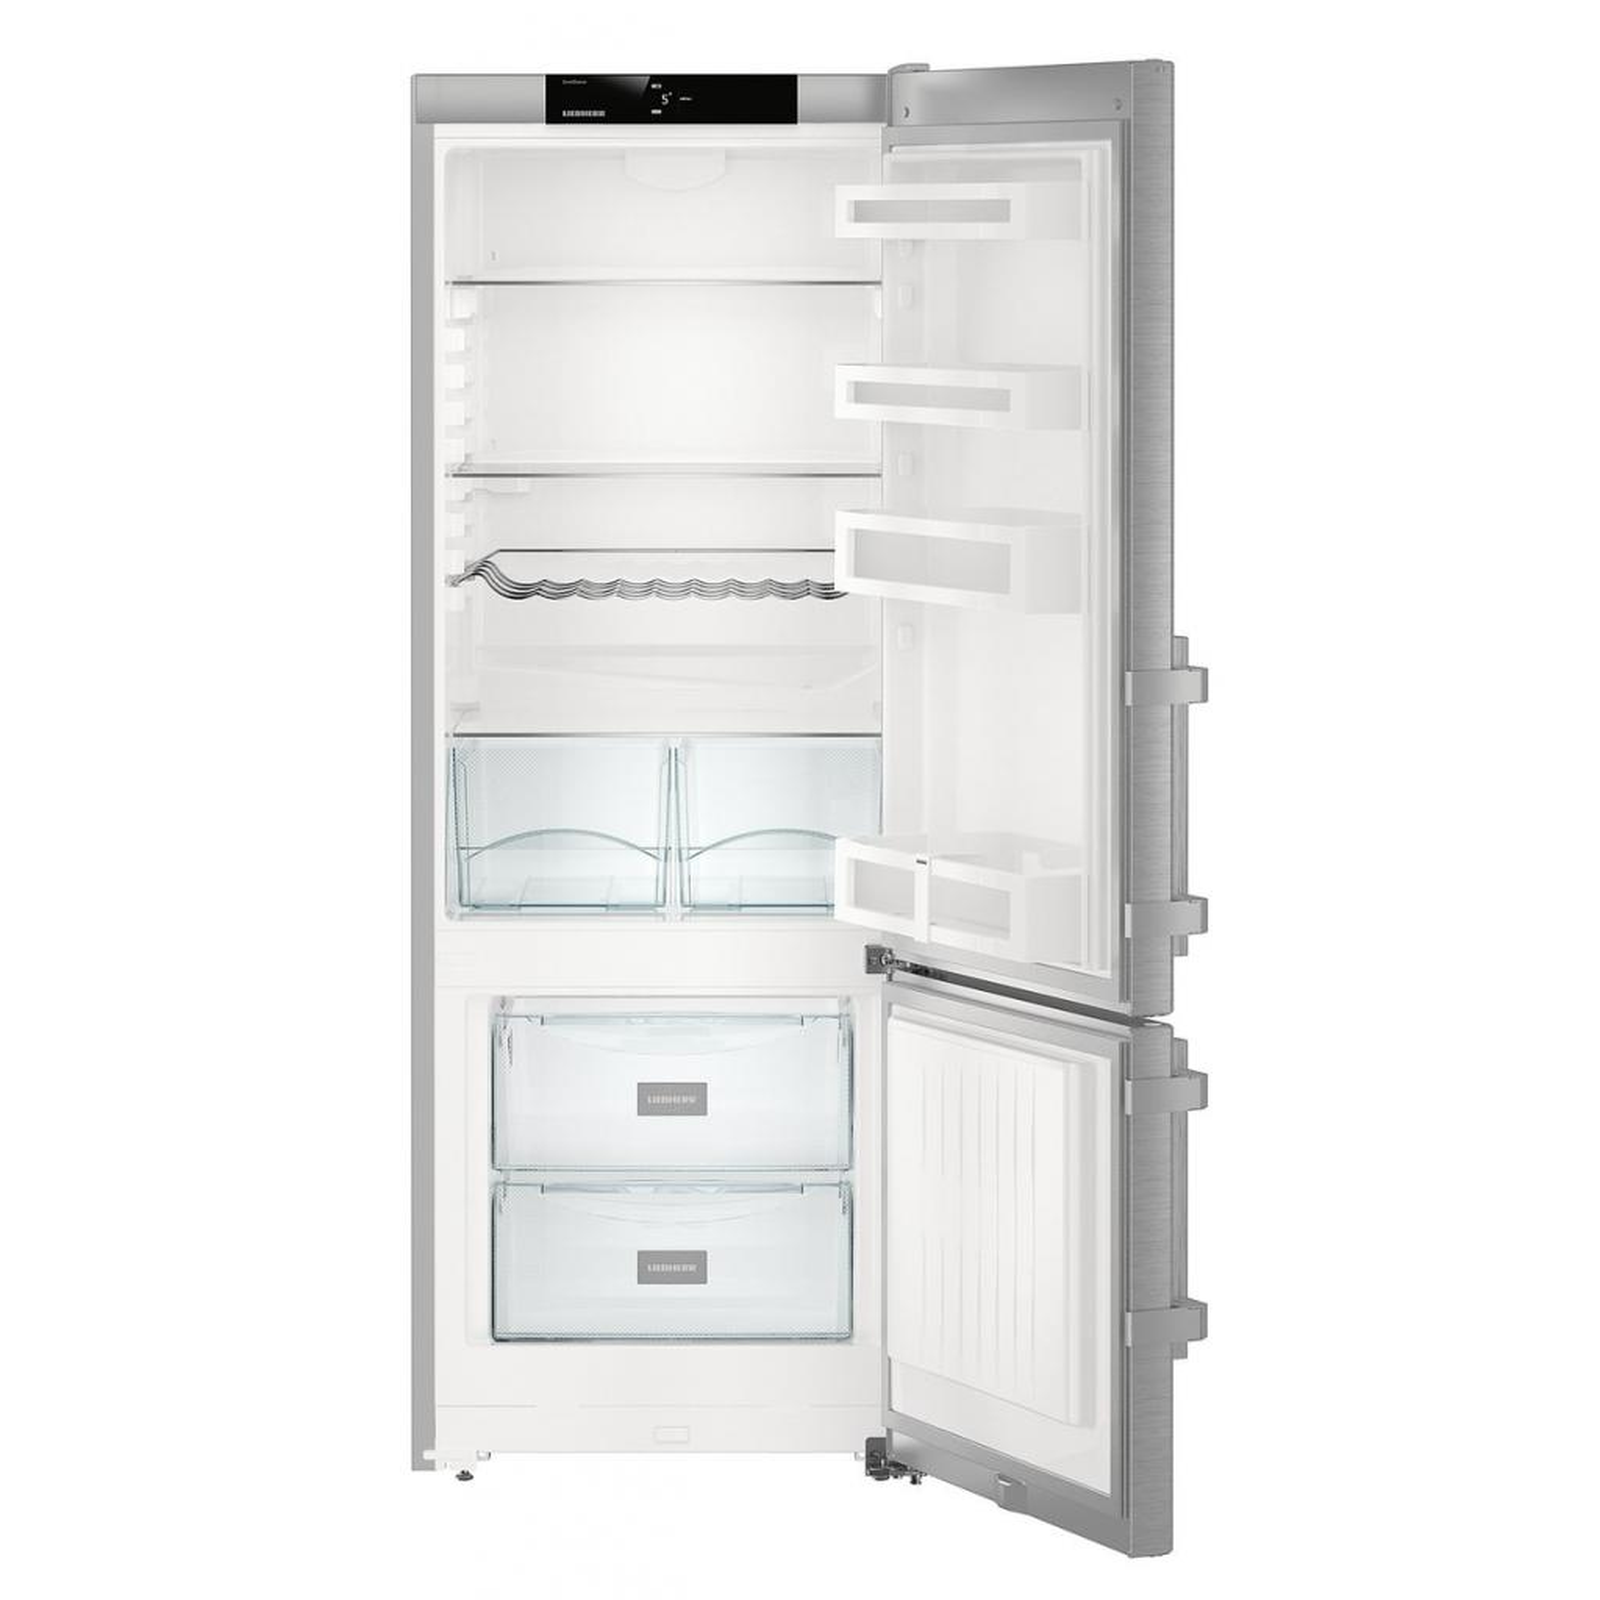 Холодильник Liebherr CUef 2915 изображение 4